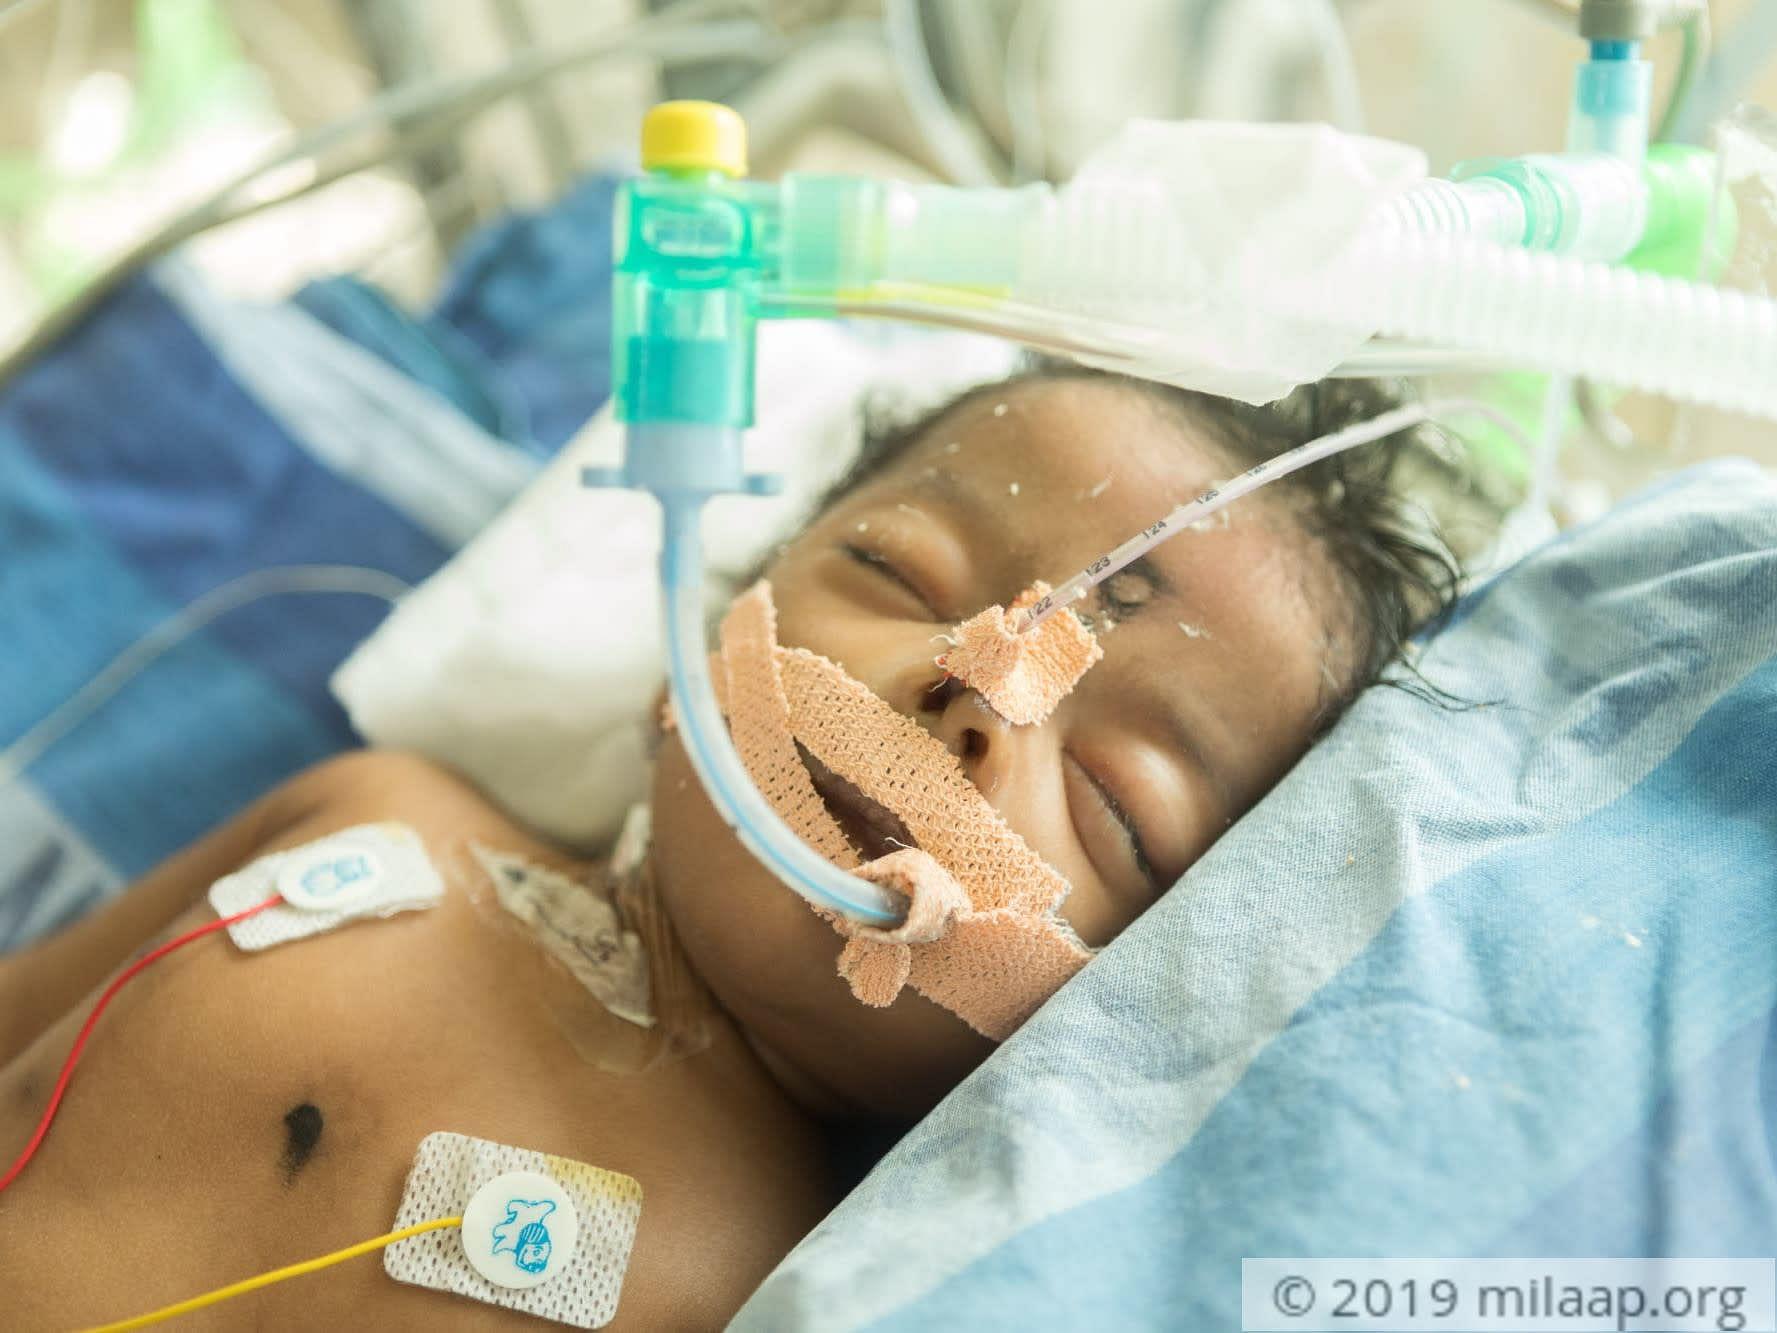 Baby of swathi 17 c27eci 1574681977 aat5yz 1575107555